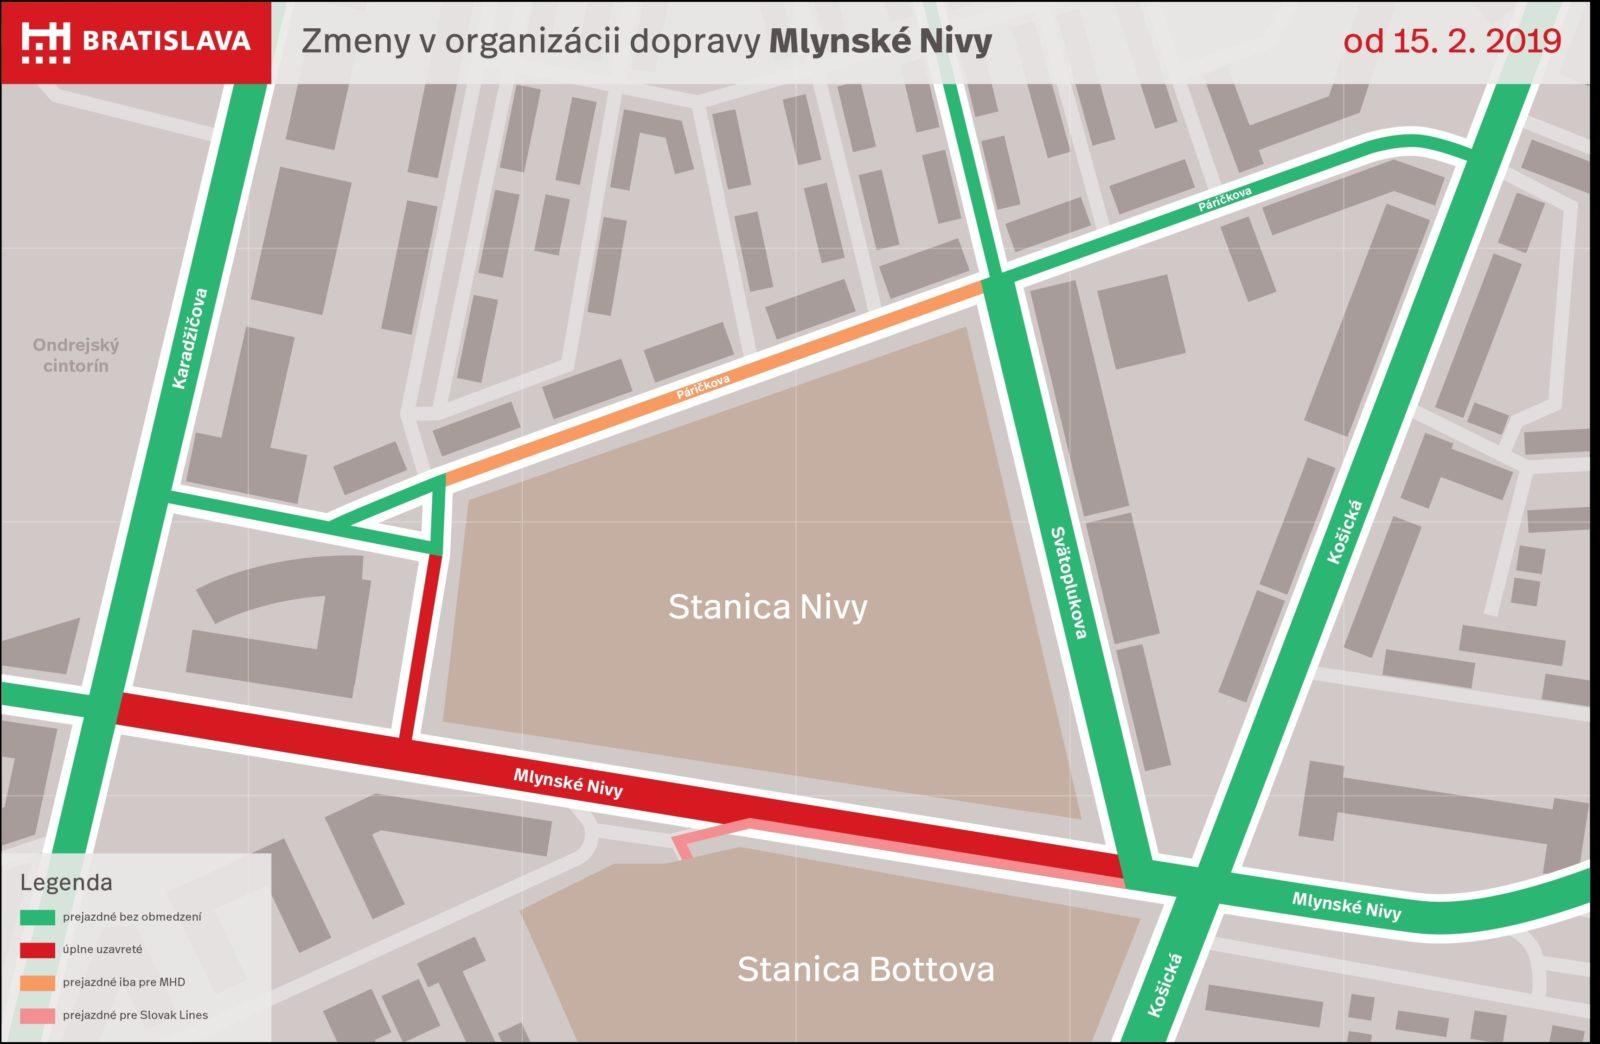 OLO sa pripravuje na dopravné obmedzenia, ktoré nastanú v Bratislave od 15. februára 2019